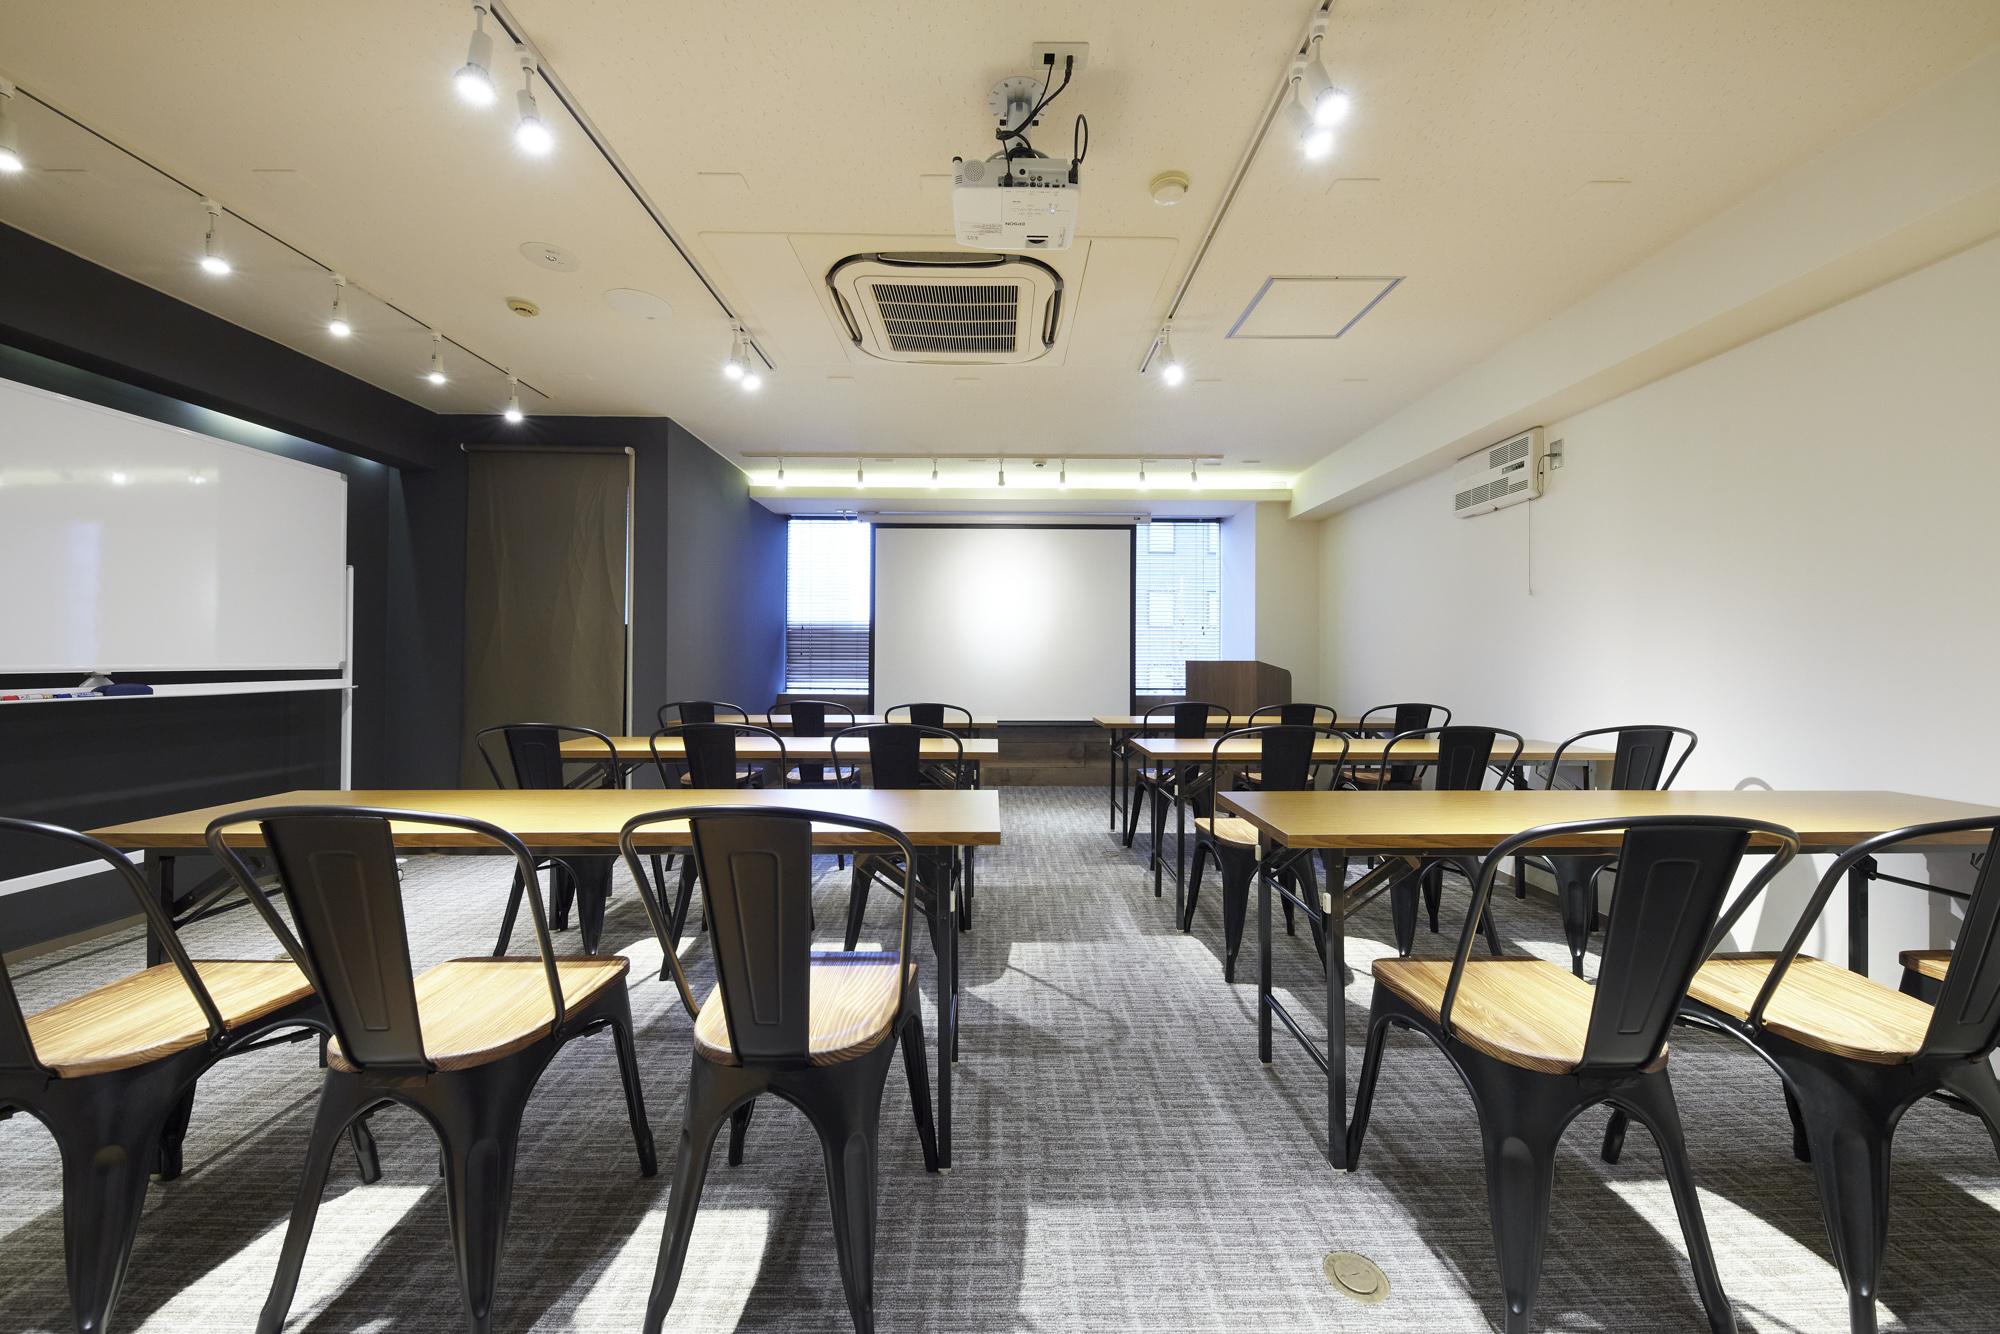 新宿の貸し会議室ならココ!TIME SHARING西新宿|TIME SHARING|タイムシェアリング|スペースマネジメント|あどばる|adval|SHARING